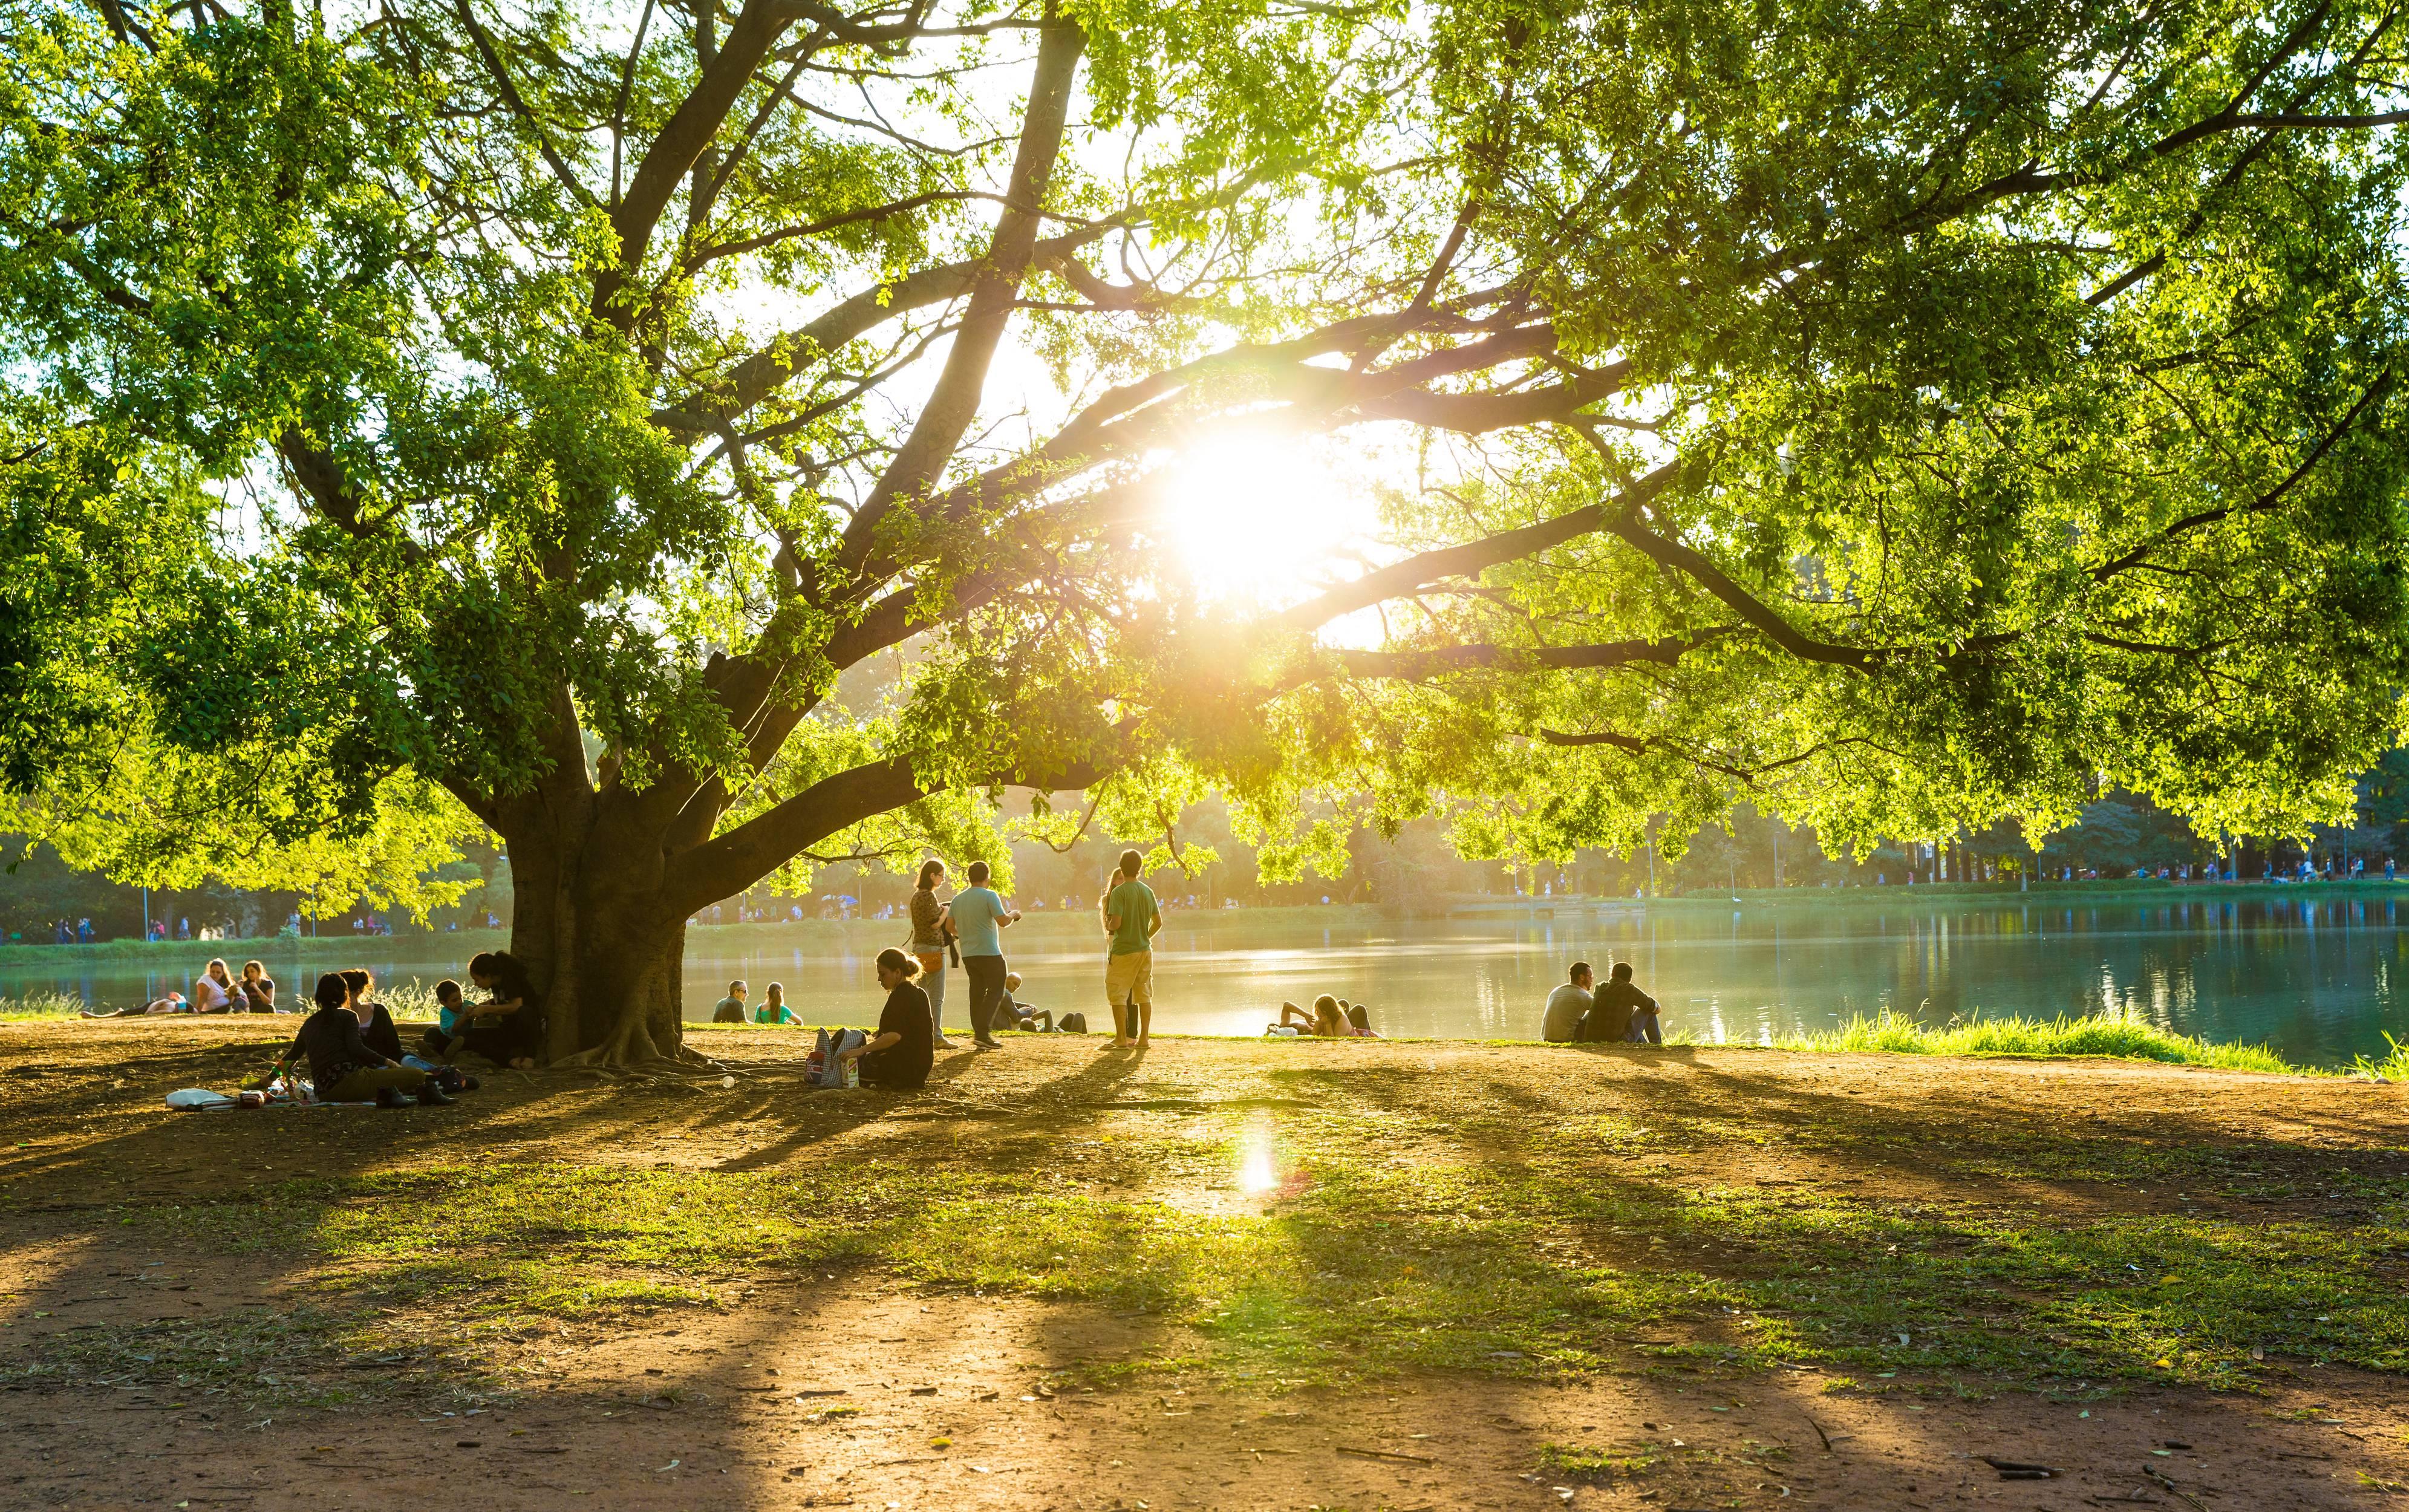 Pessoas estão descansando na grama sob a árvore na tarde ensolarada no lago artificial do Parque do Ibirapuera em São Paulo, Brasil